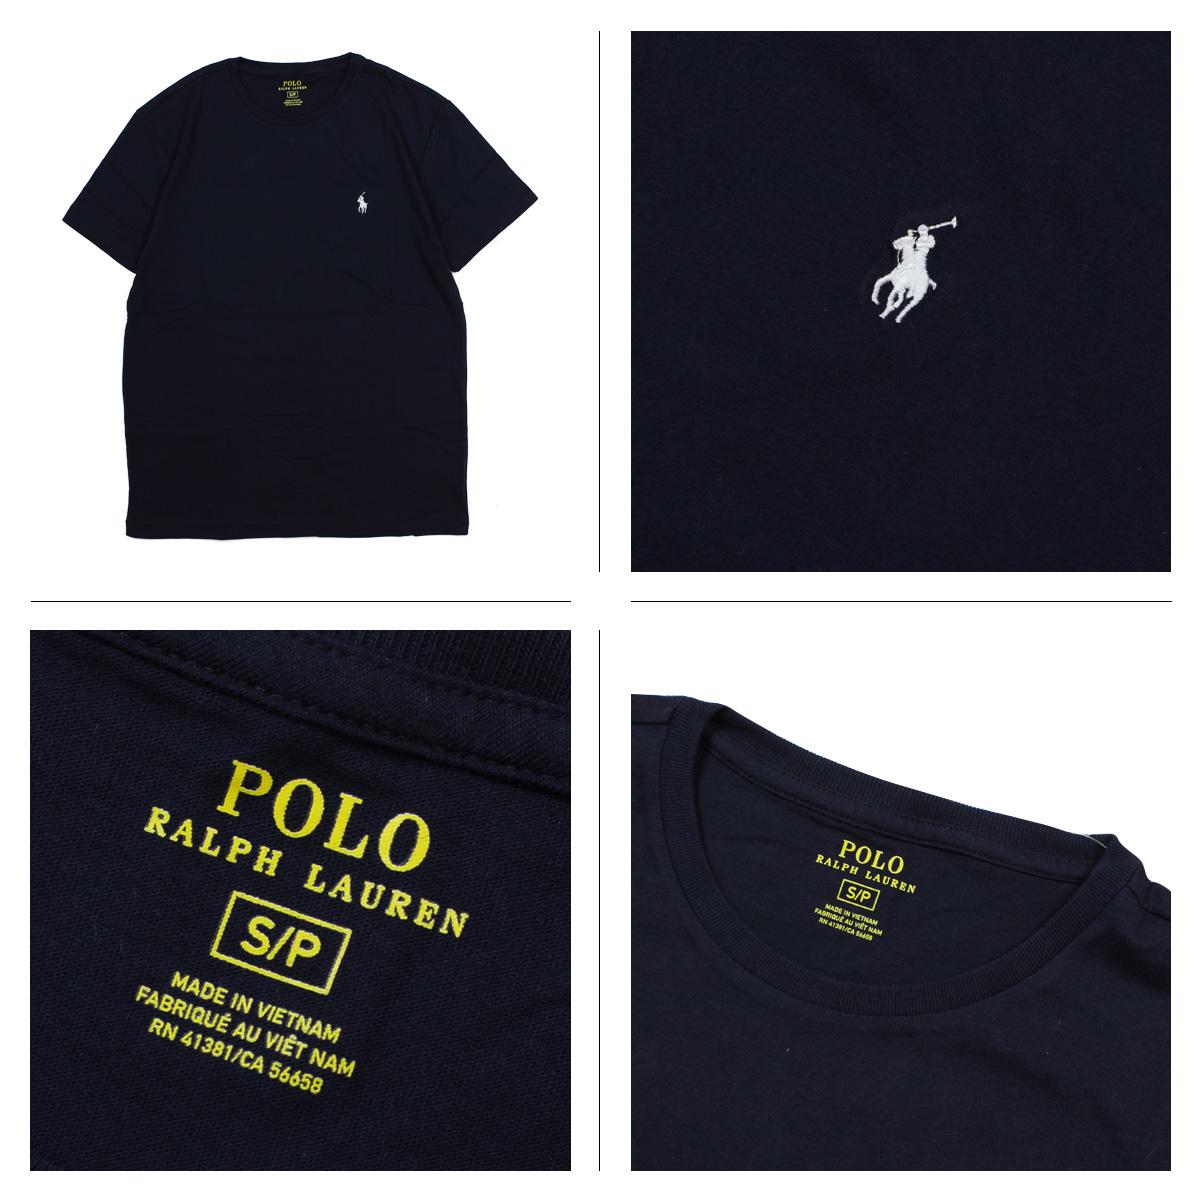 POLO RALPH LAUREN Polo Ralph Lauren T shirt short sleeve U neck men's  women's